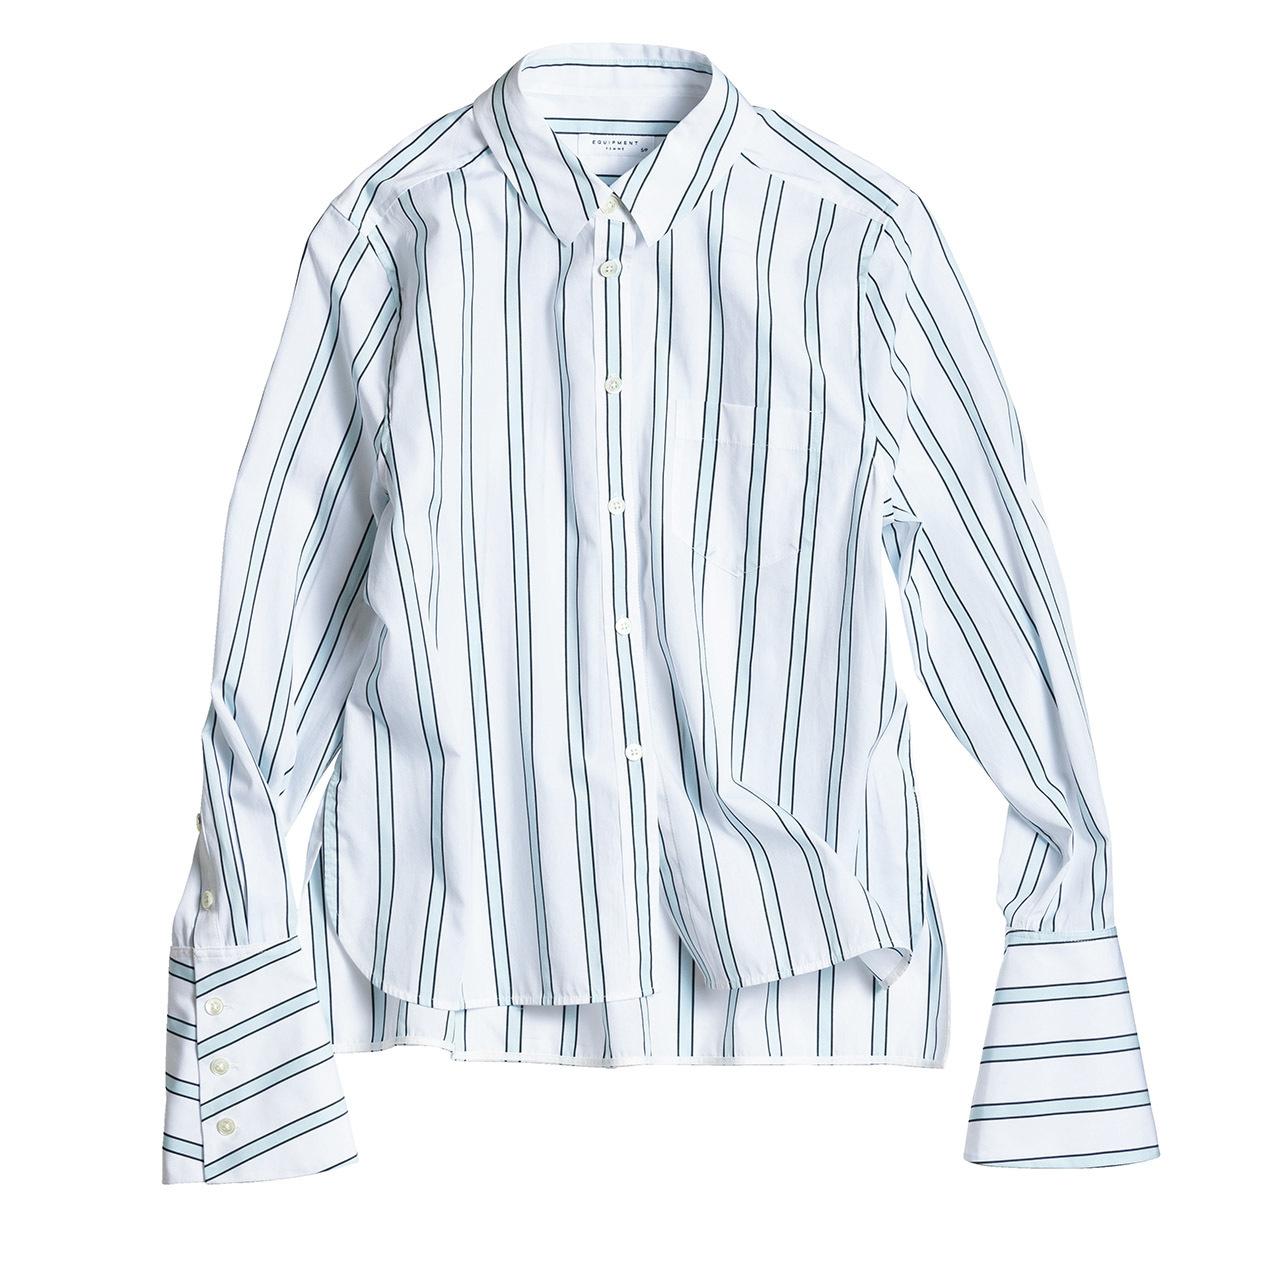 きりっと主張するストライプが、シャツを洗練スタイルに格上げ 五選_1_1-3